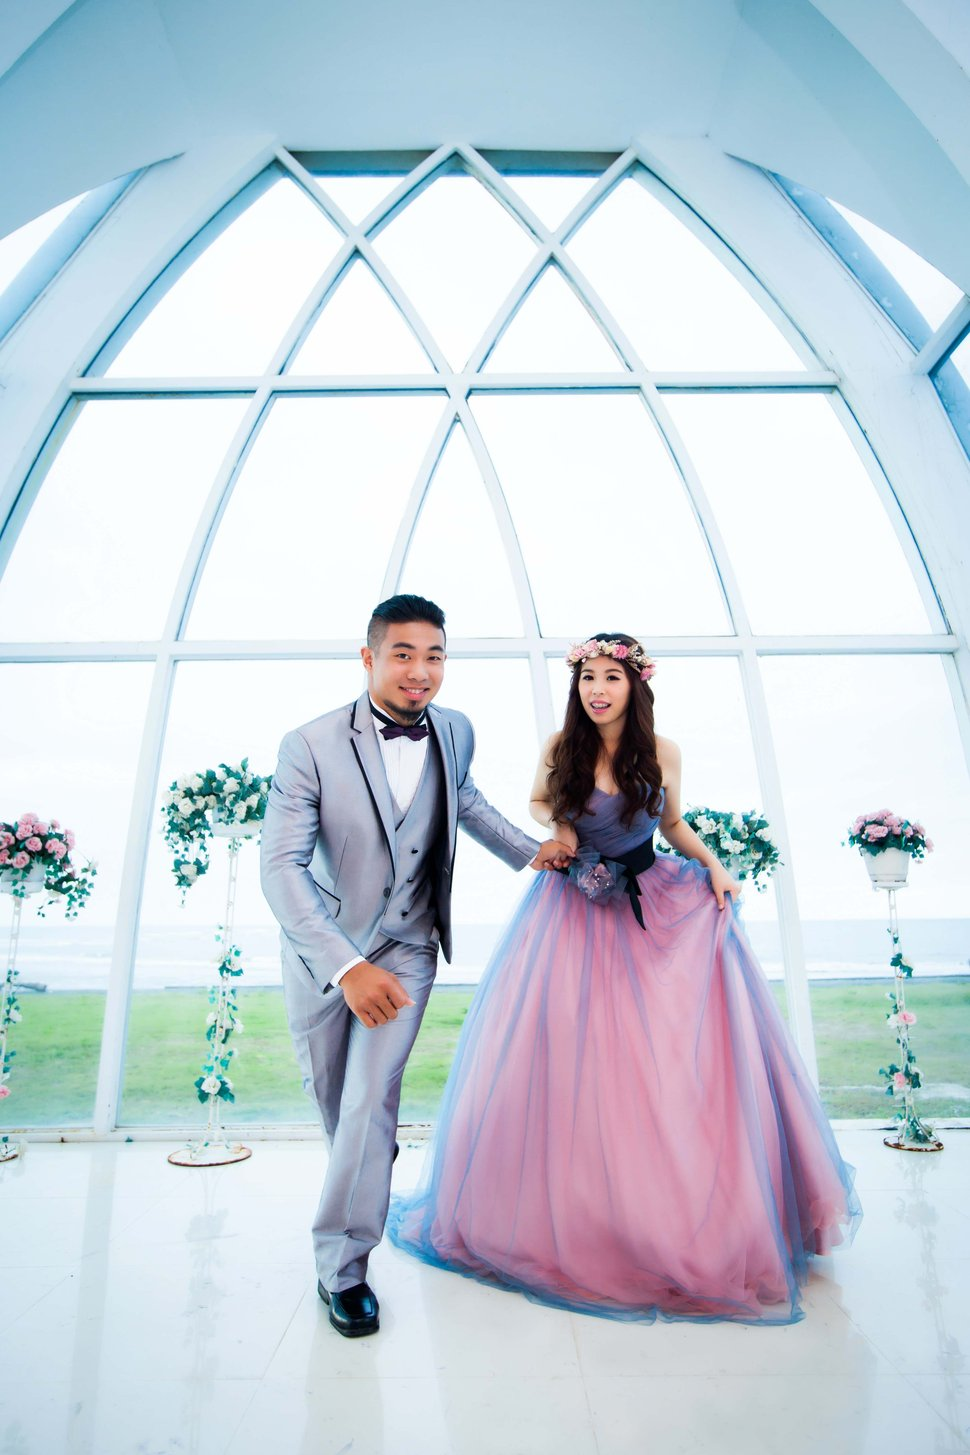 御霖&怡萱-春之嫁衣(編號:308445) - 春之嫁衣精緻婚紗 - 結婚吧一站式婚禮服務平台